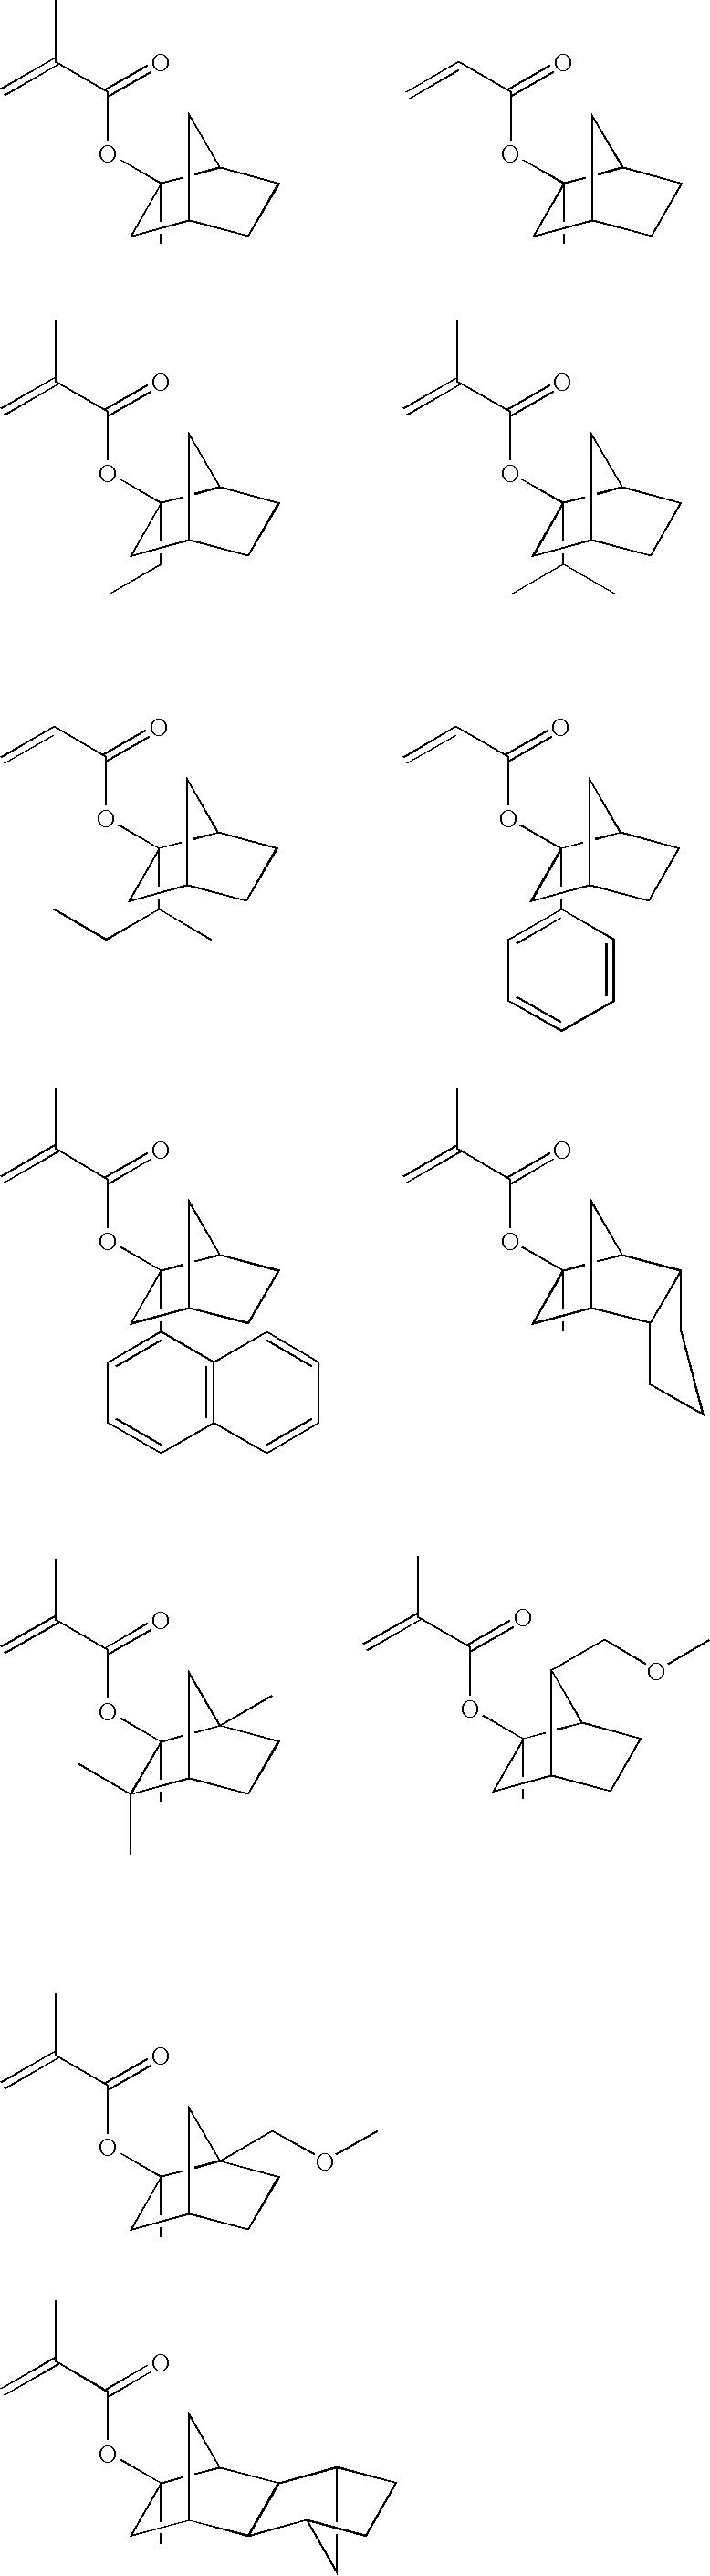 Figure US20080020289A1-20080124-C00025